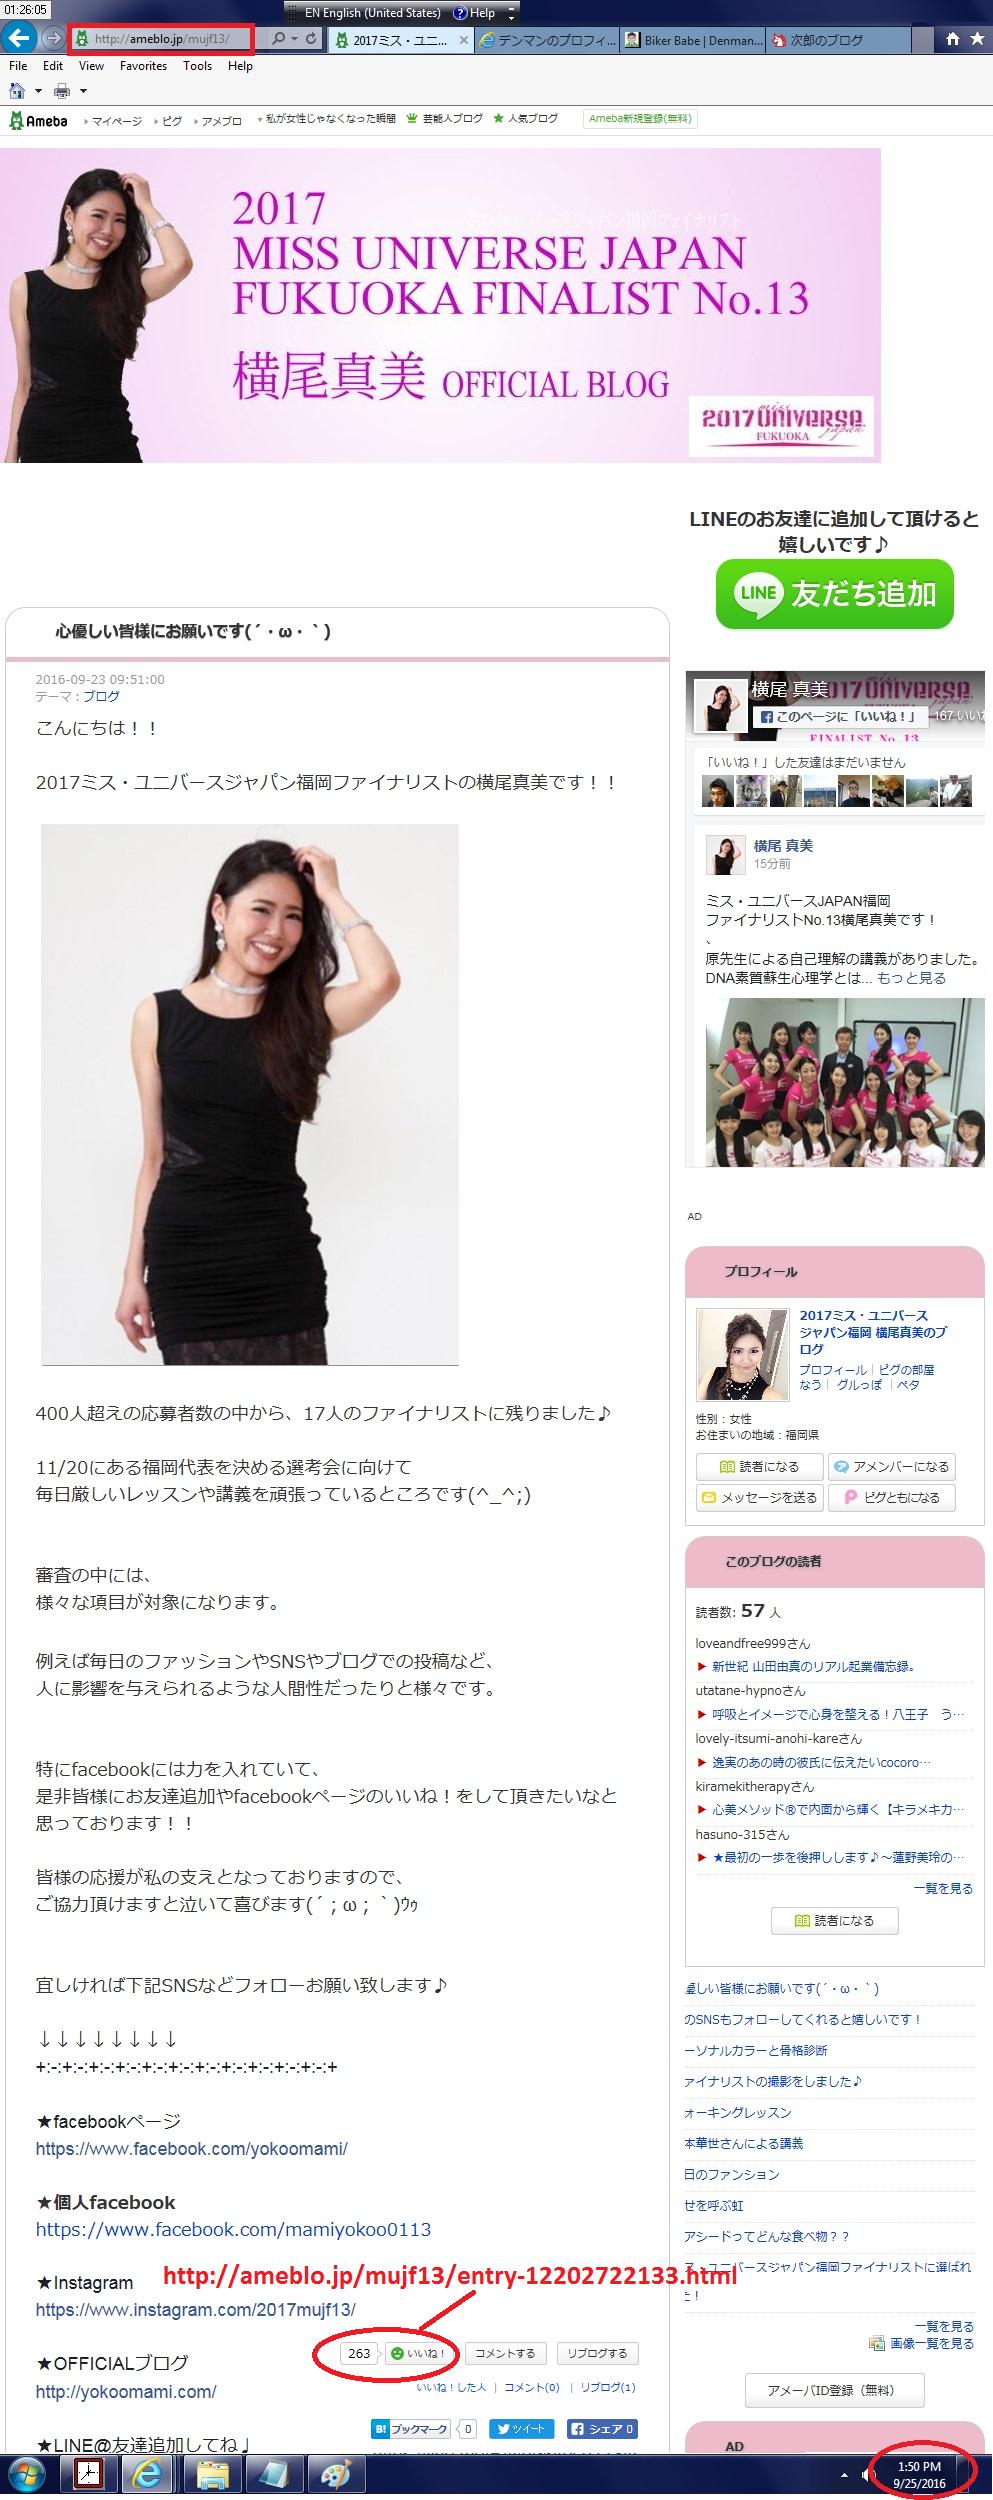 2017ミス・ユニバースジャパン福岡ファイナリストの横尾真美のブログ